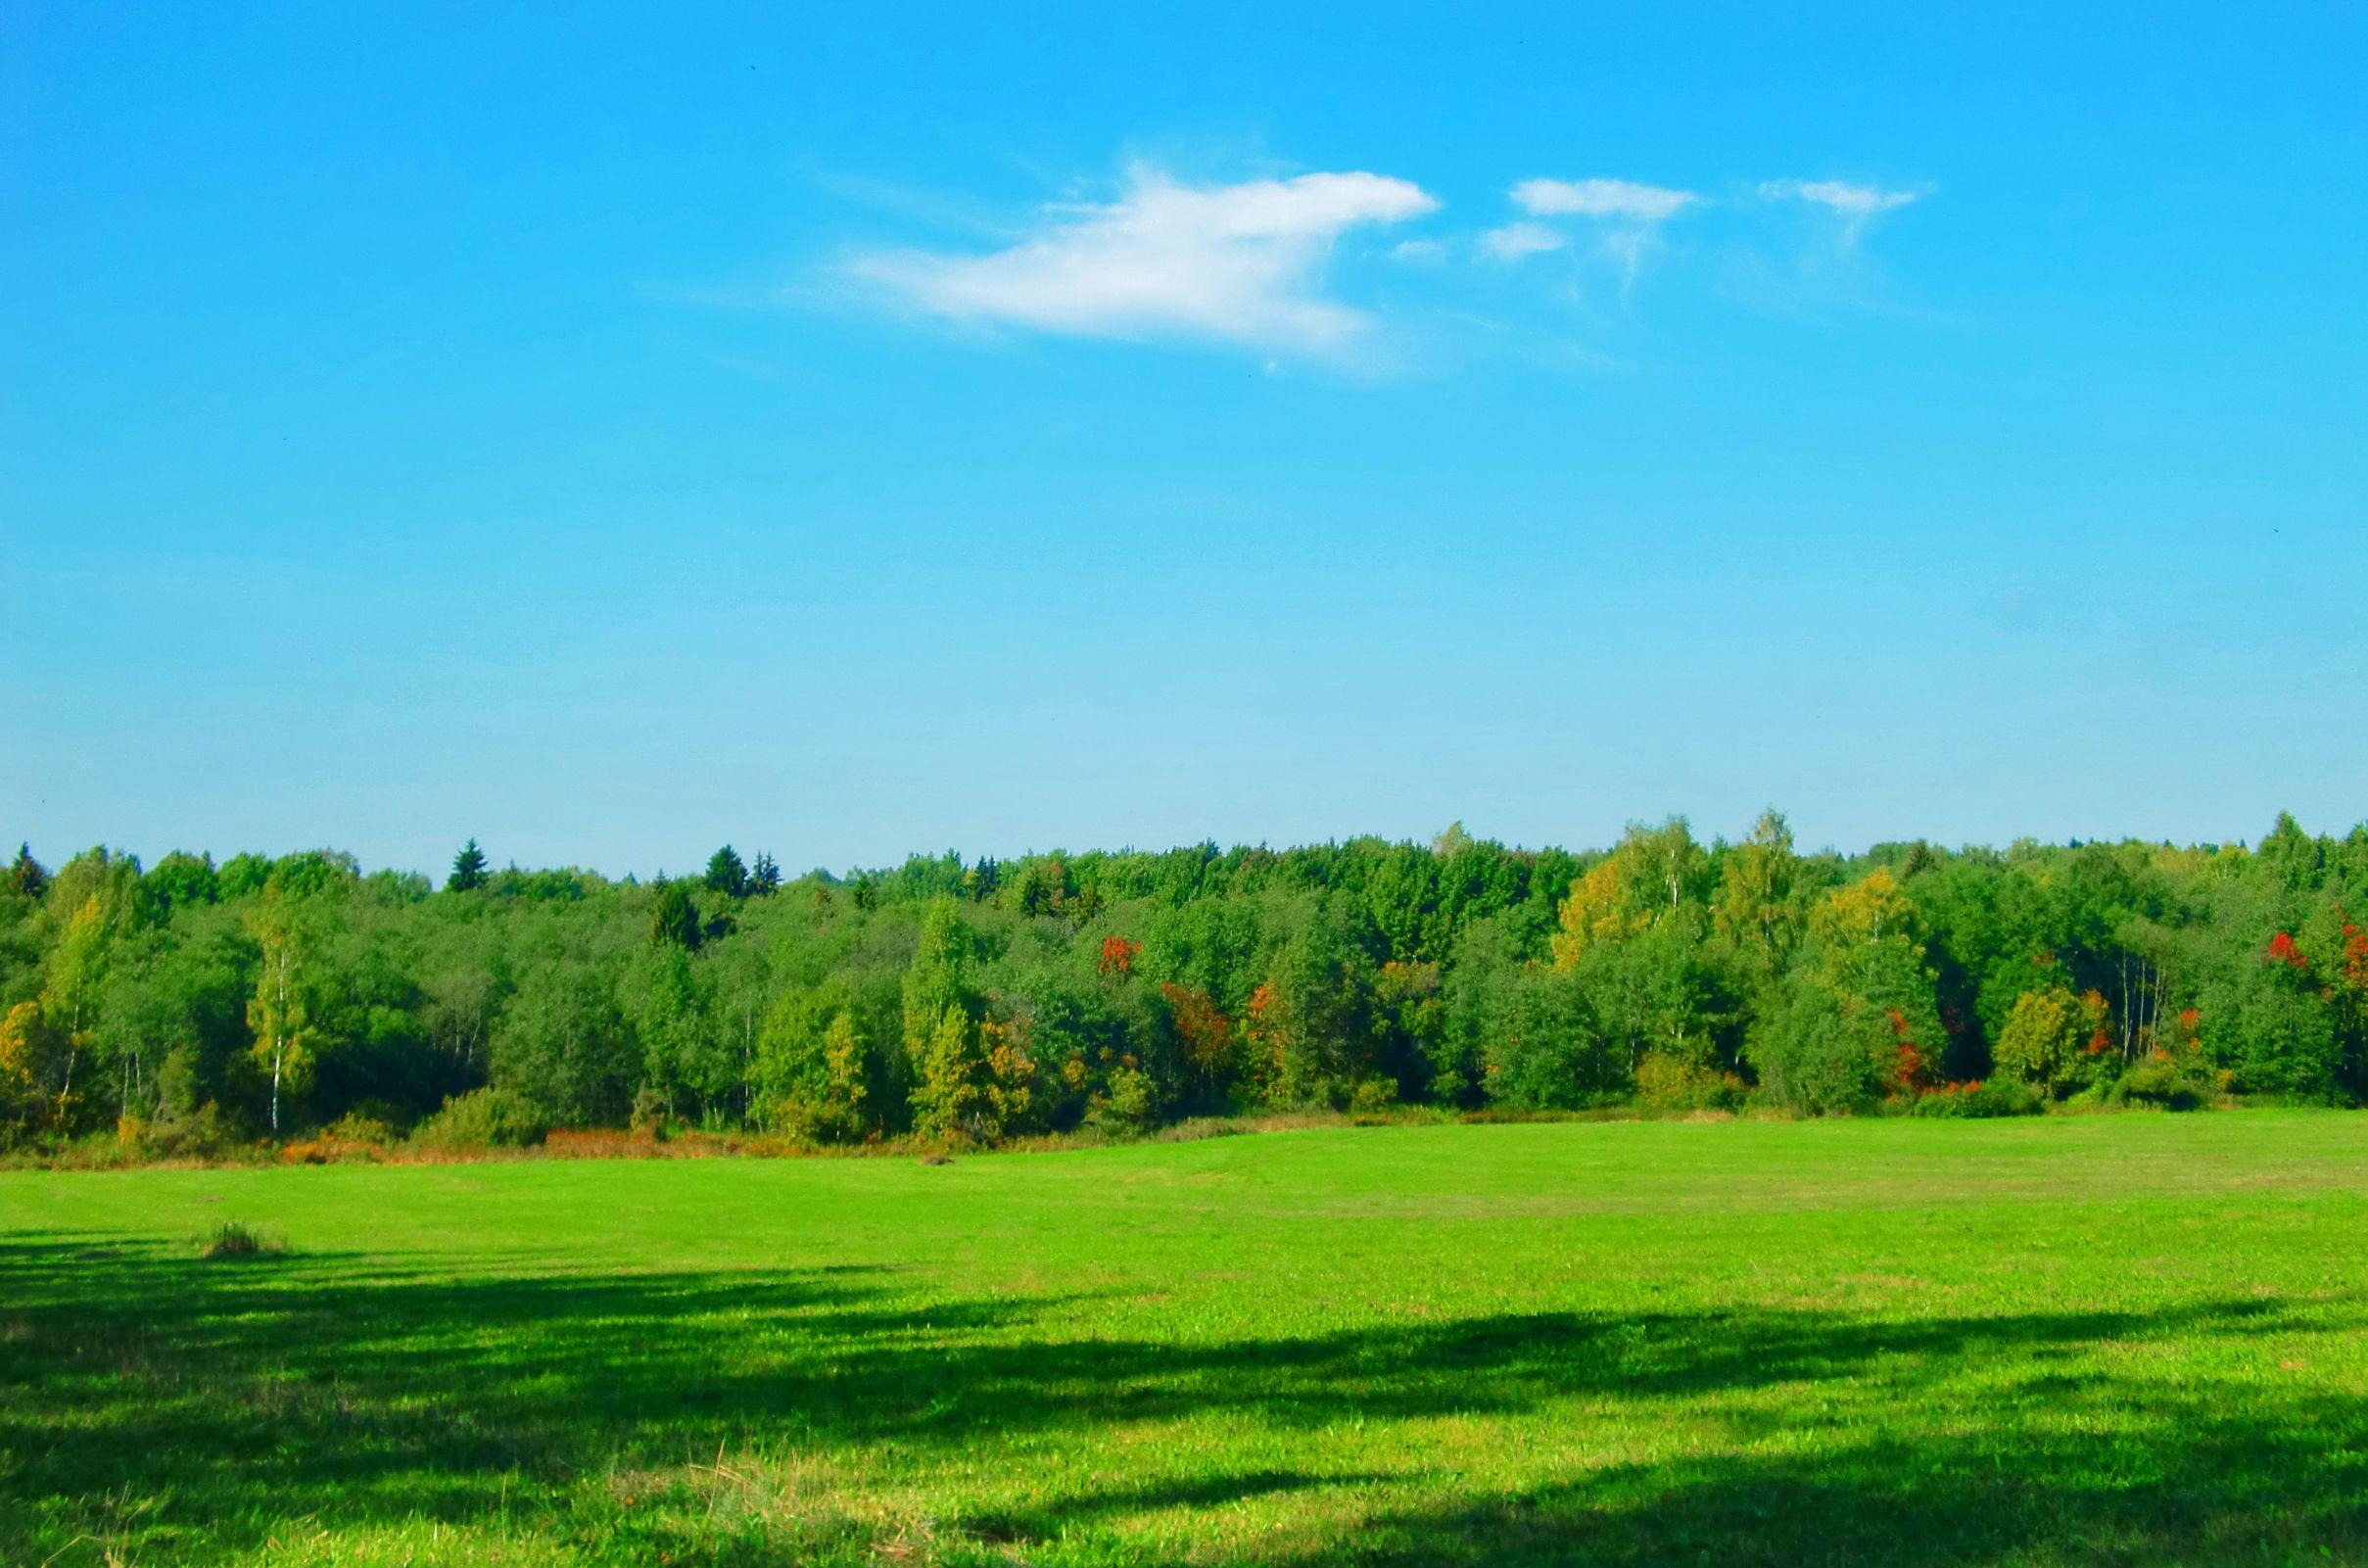 Более 250 мероприятий по экологическому просвещению детей и взрослых прошло в Ярославской области за год